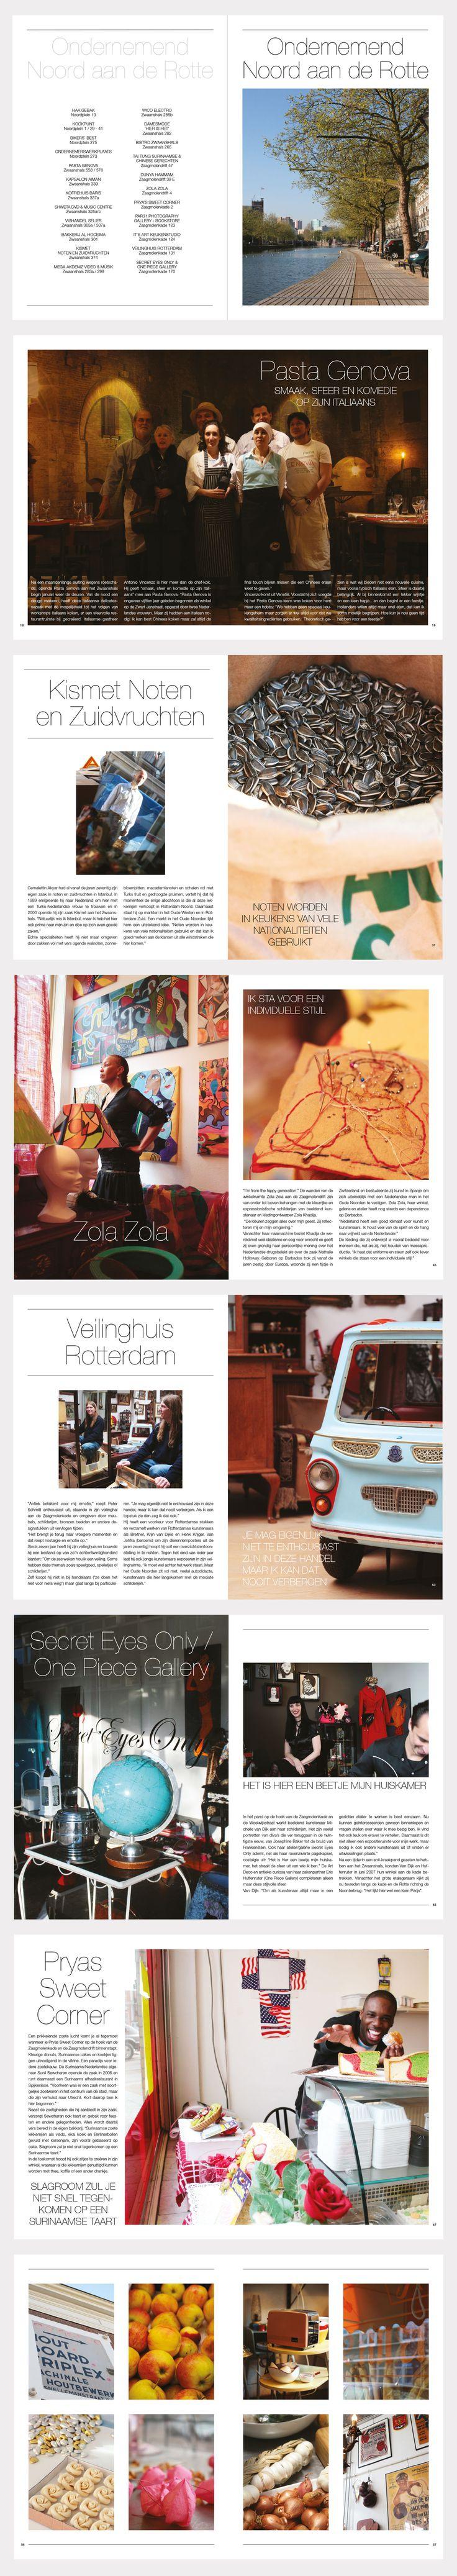 Concept en vormgeving van een boek voor woningcorporatie Havensteder (voorheen PWS en com-wonen) in Rotterdam. Opdracht: presenteer de plaatselijke ondernemers van het Zwaanshalsgebied op een eigentijdse en professionele manier.